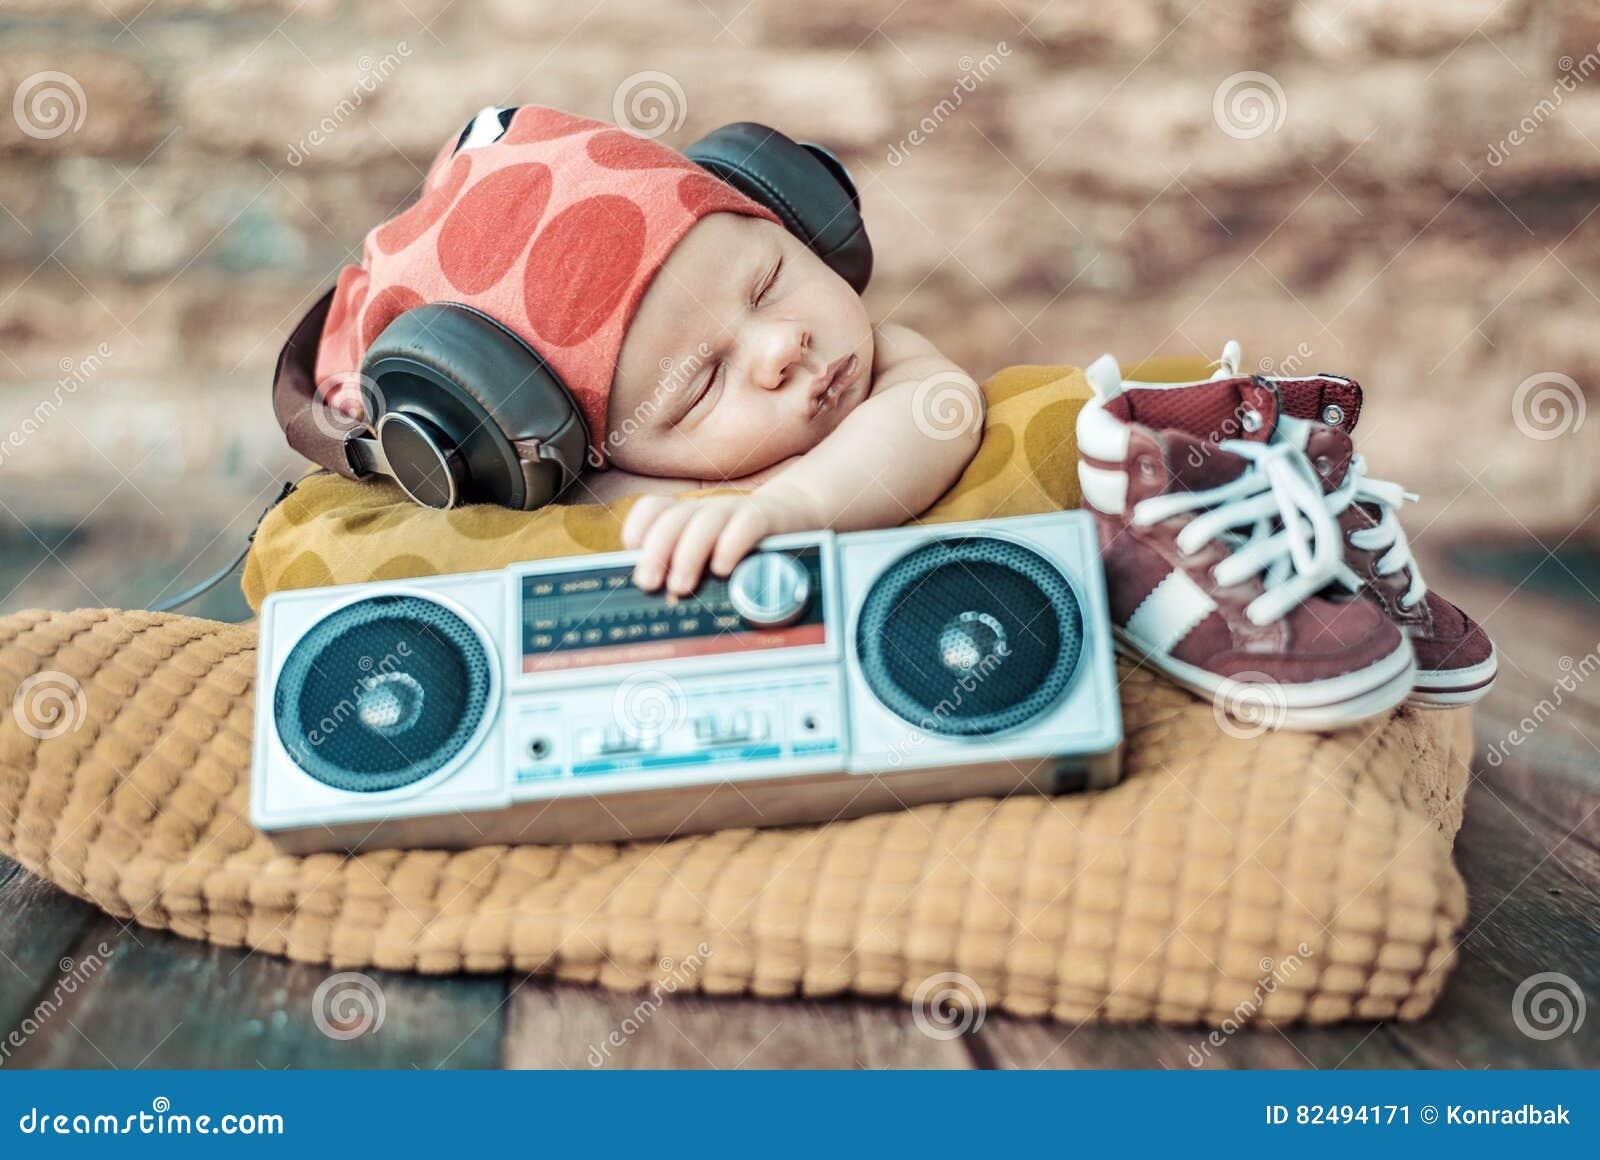 Portret van jong pasgeboren DJ